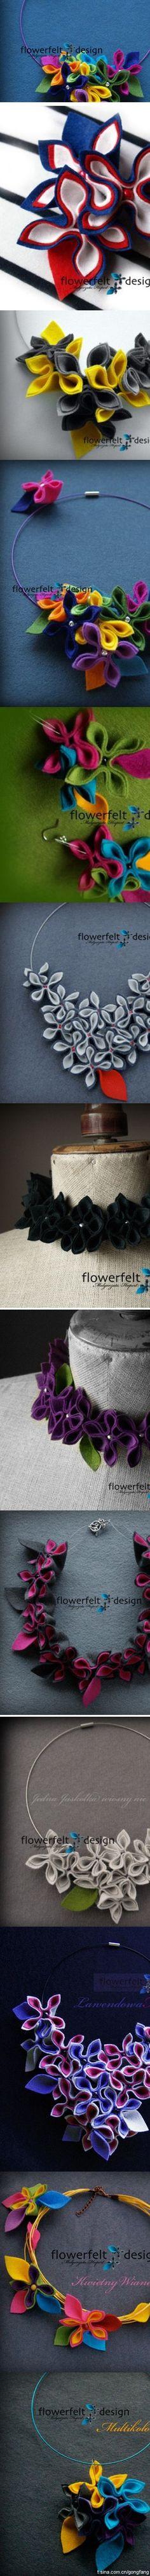 flowerfelt design